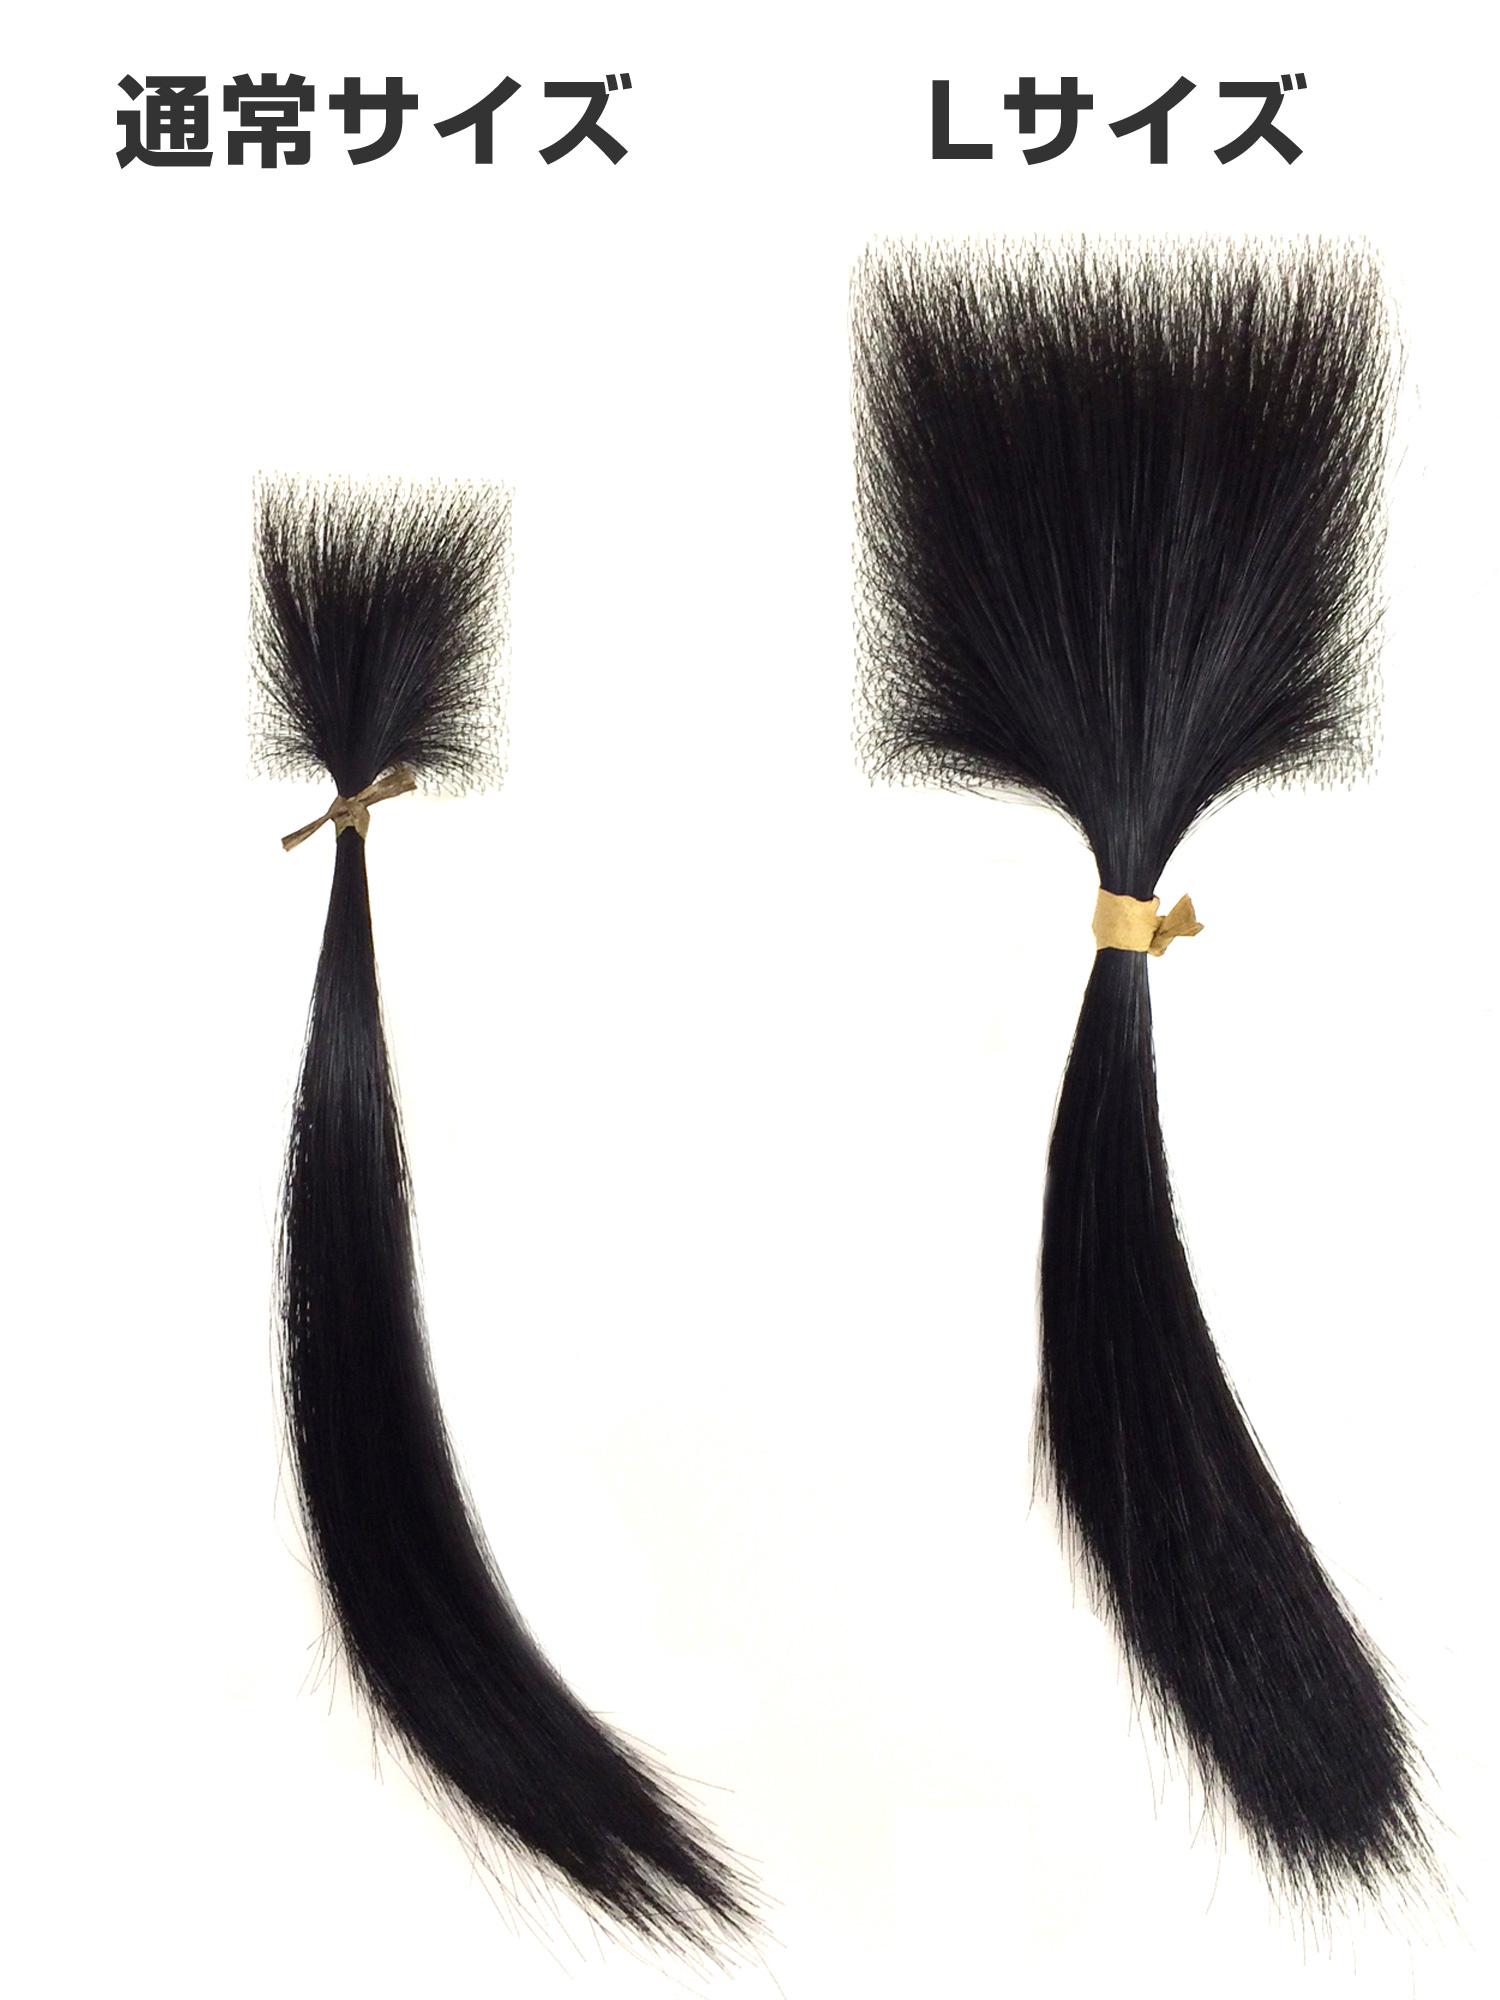 円形脱毛対策 ヘアコンタクトメディカル L(ブラウン) + ハサミセット